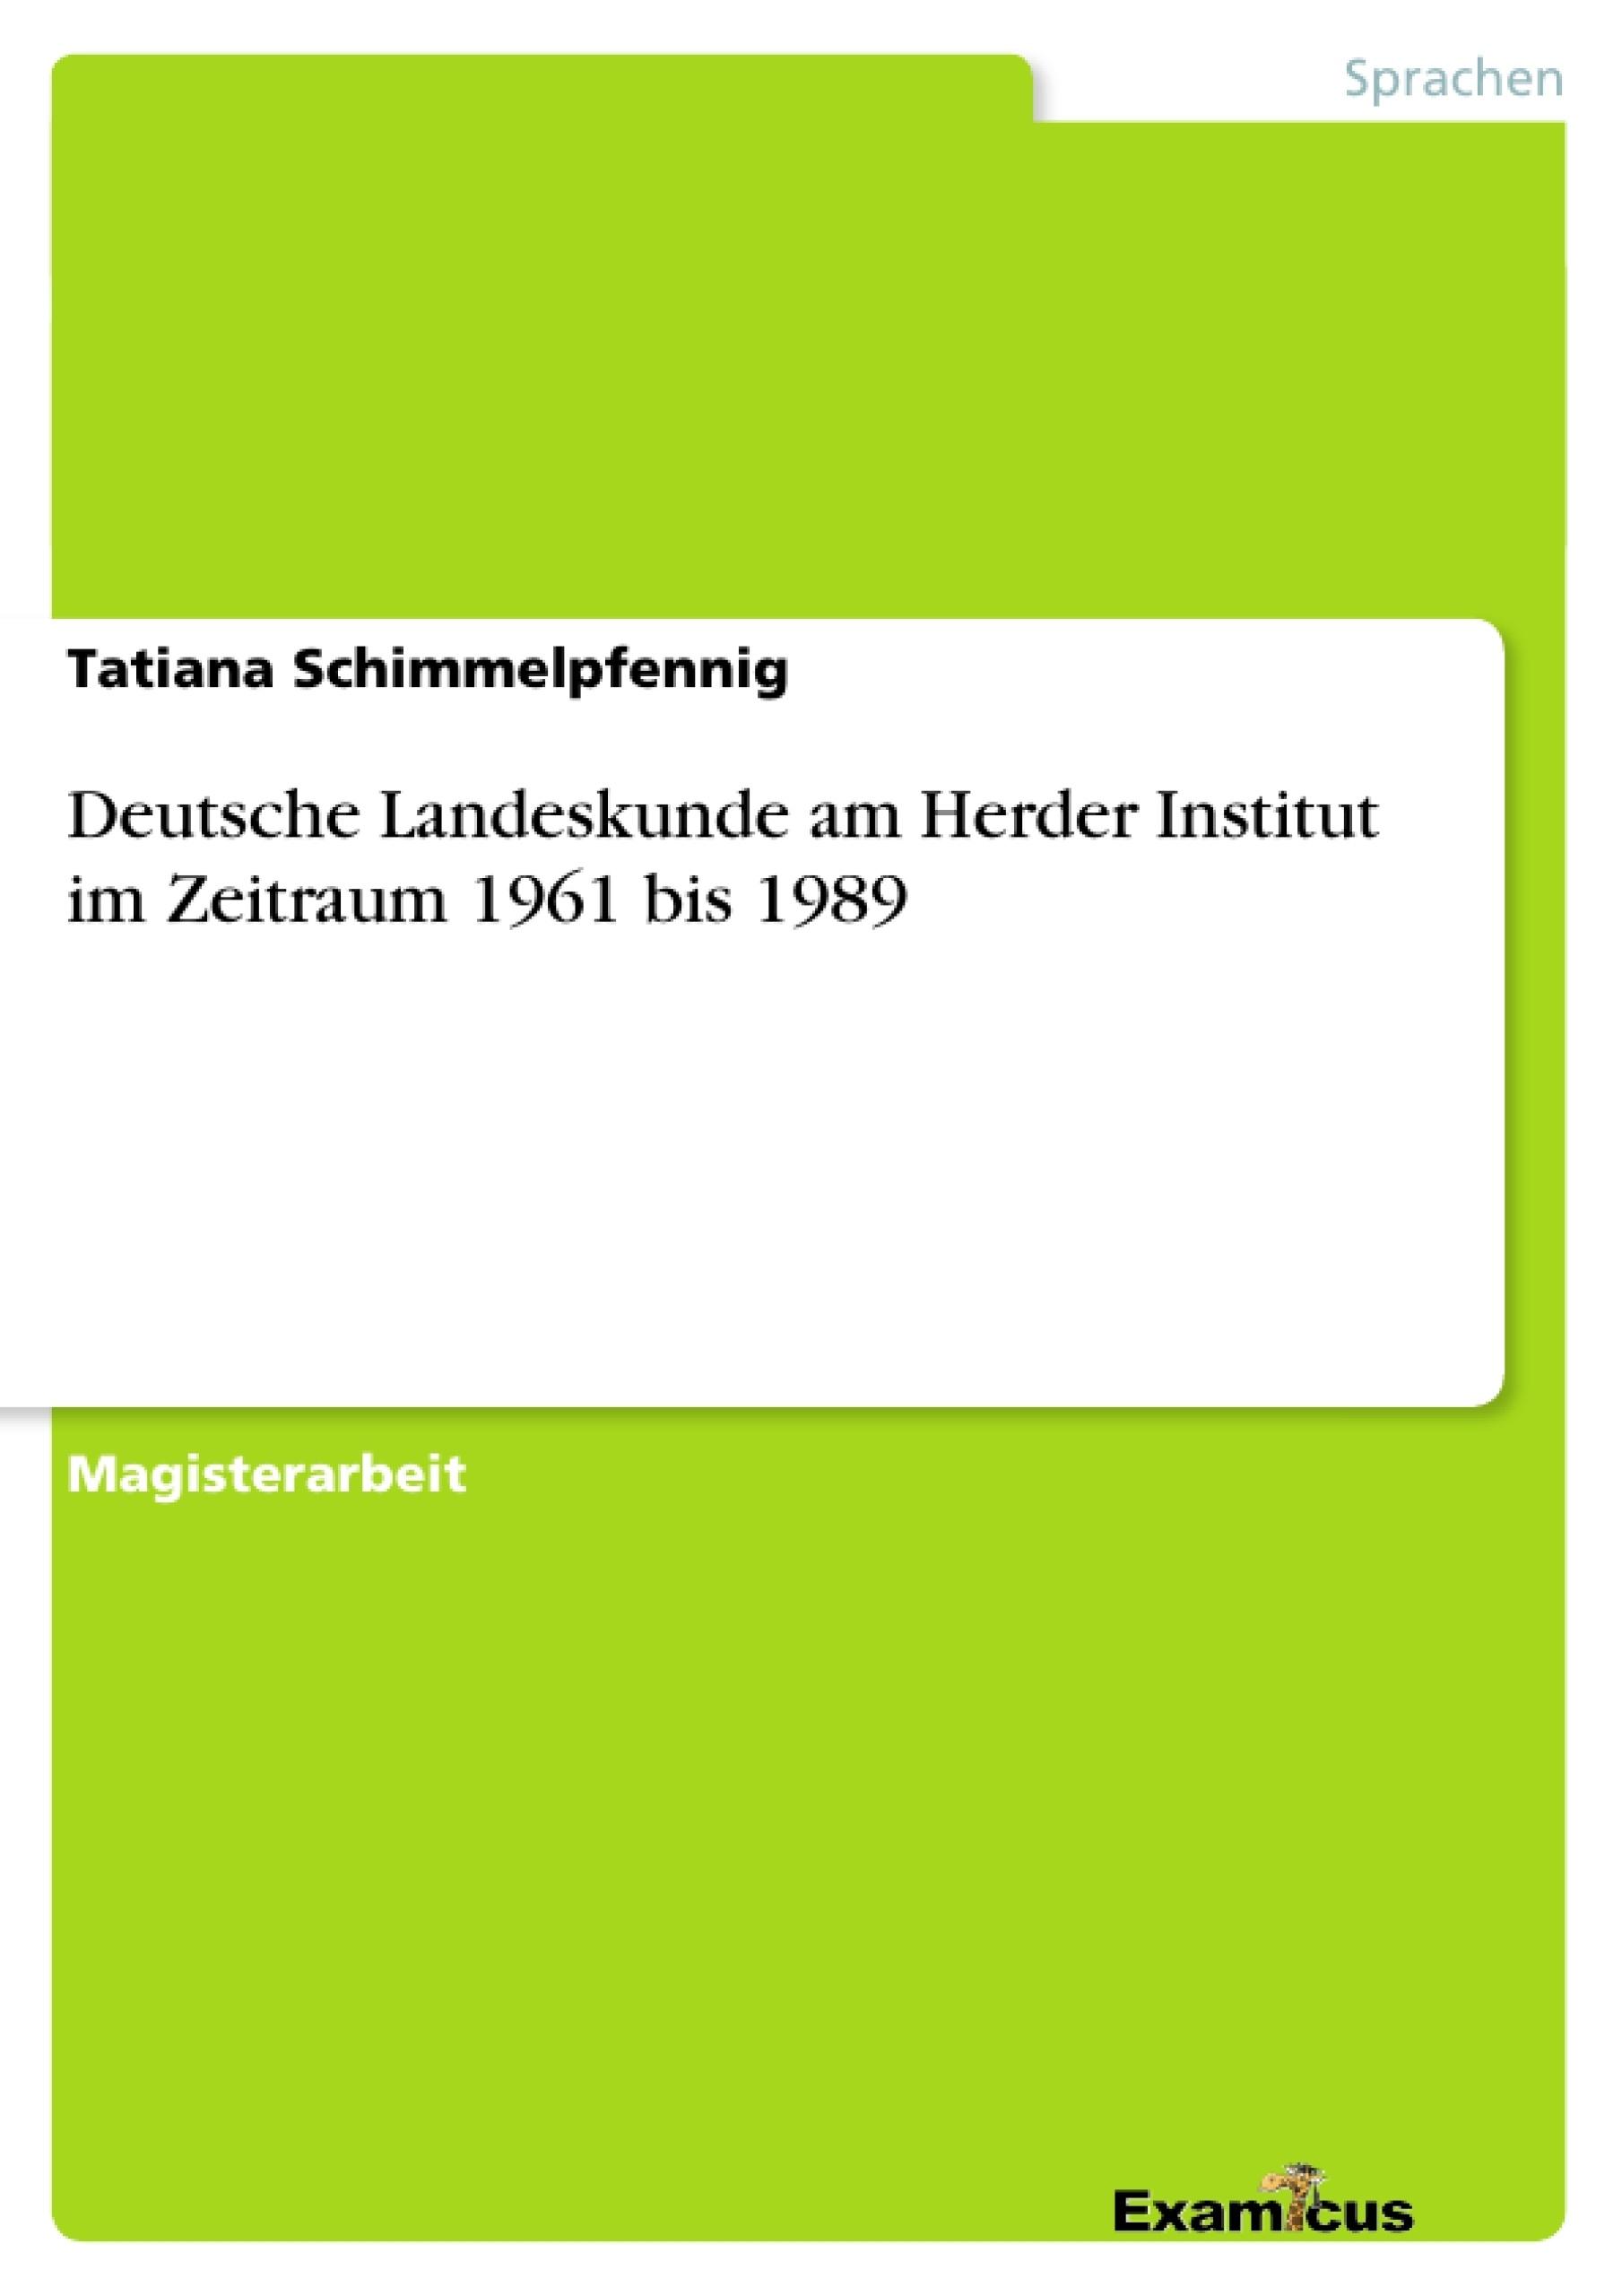 Titel: Deutsche Landeskunde am Herder Institut im Zeitraum 1961 bis 1989